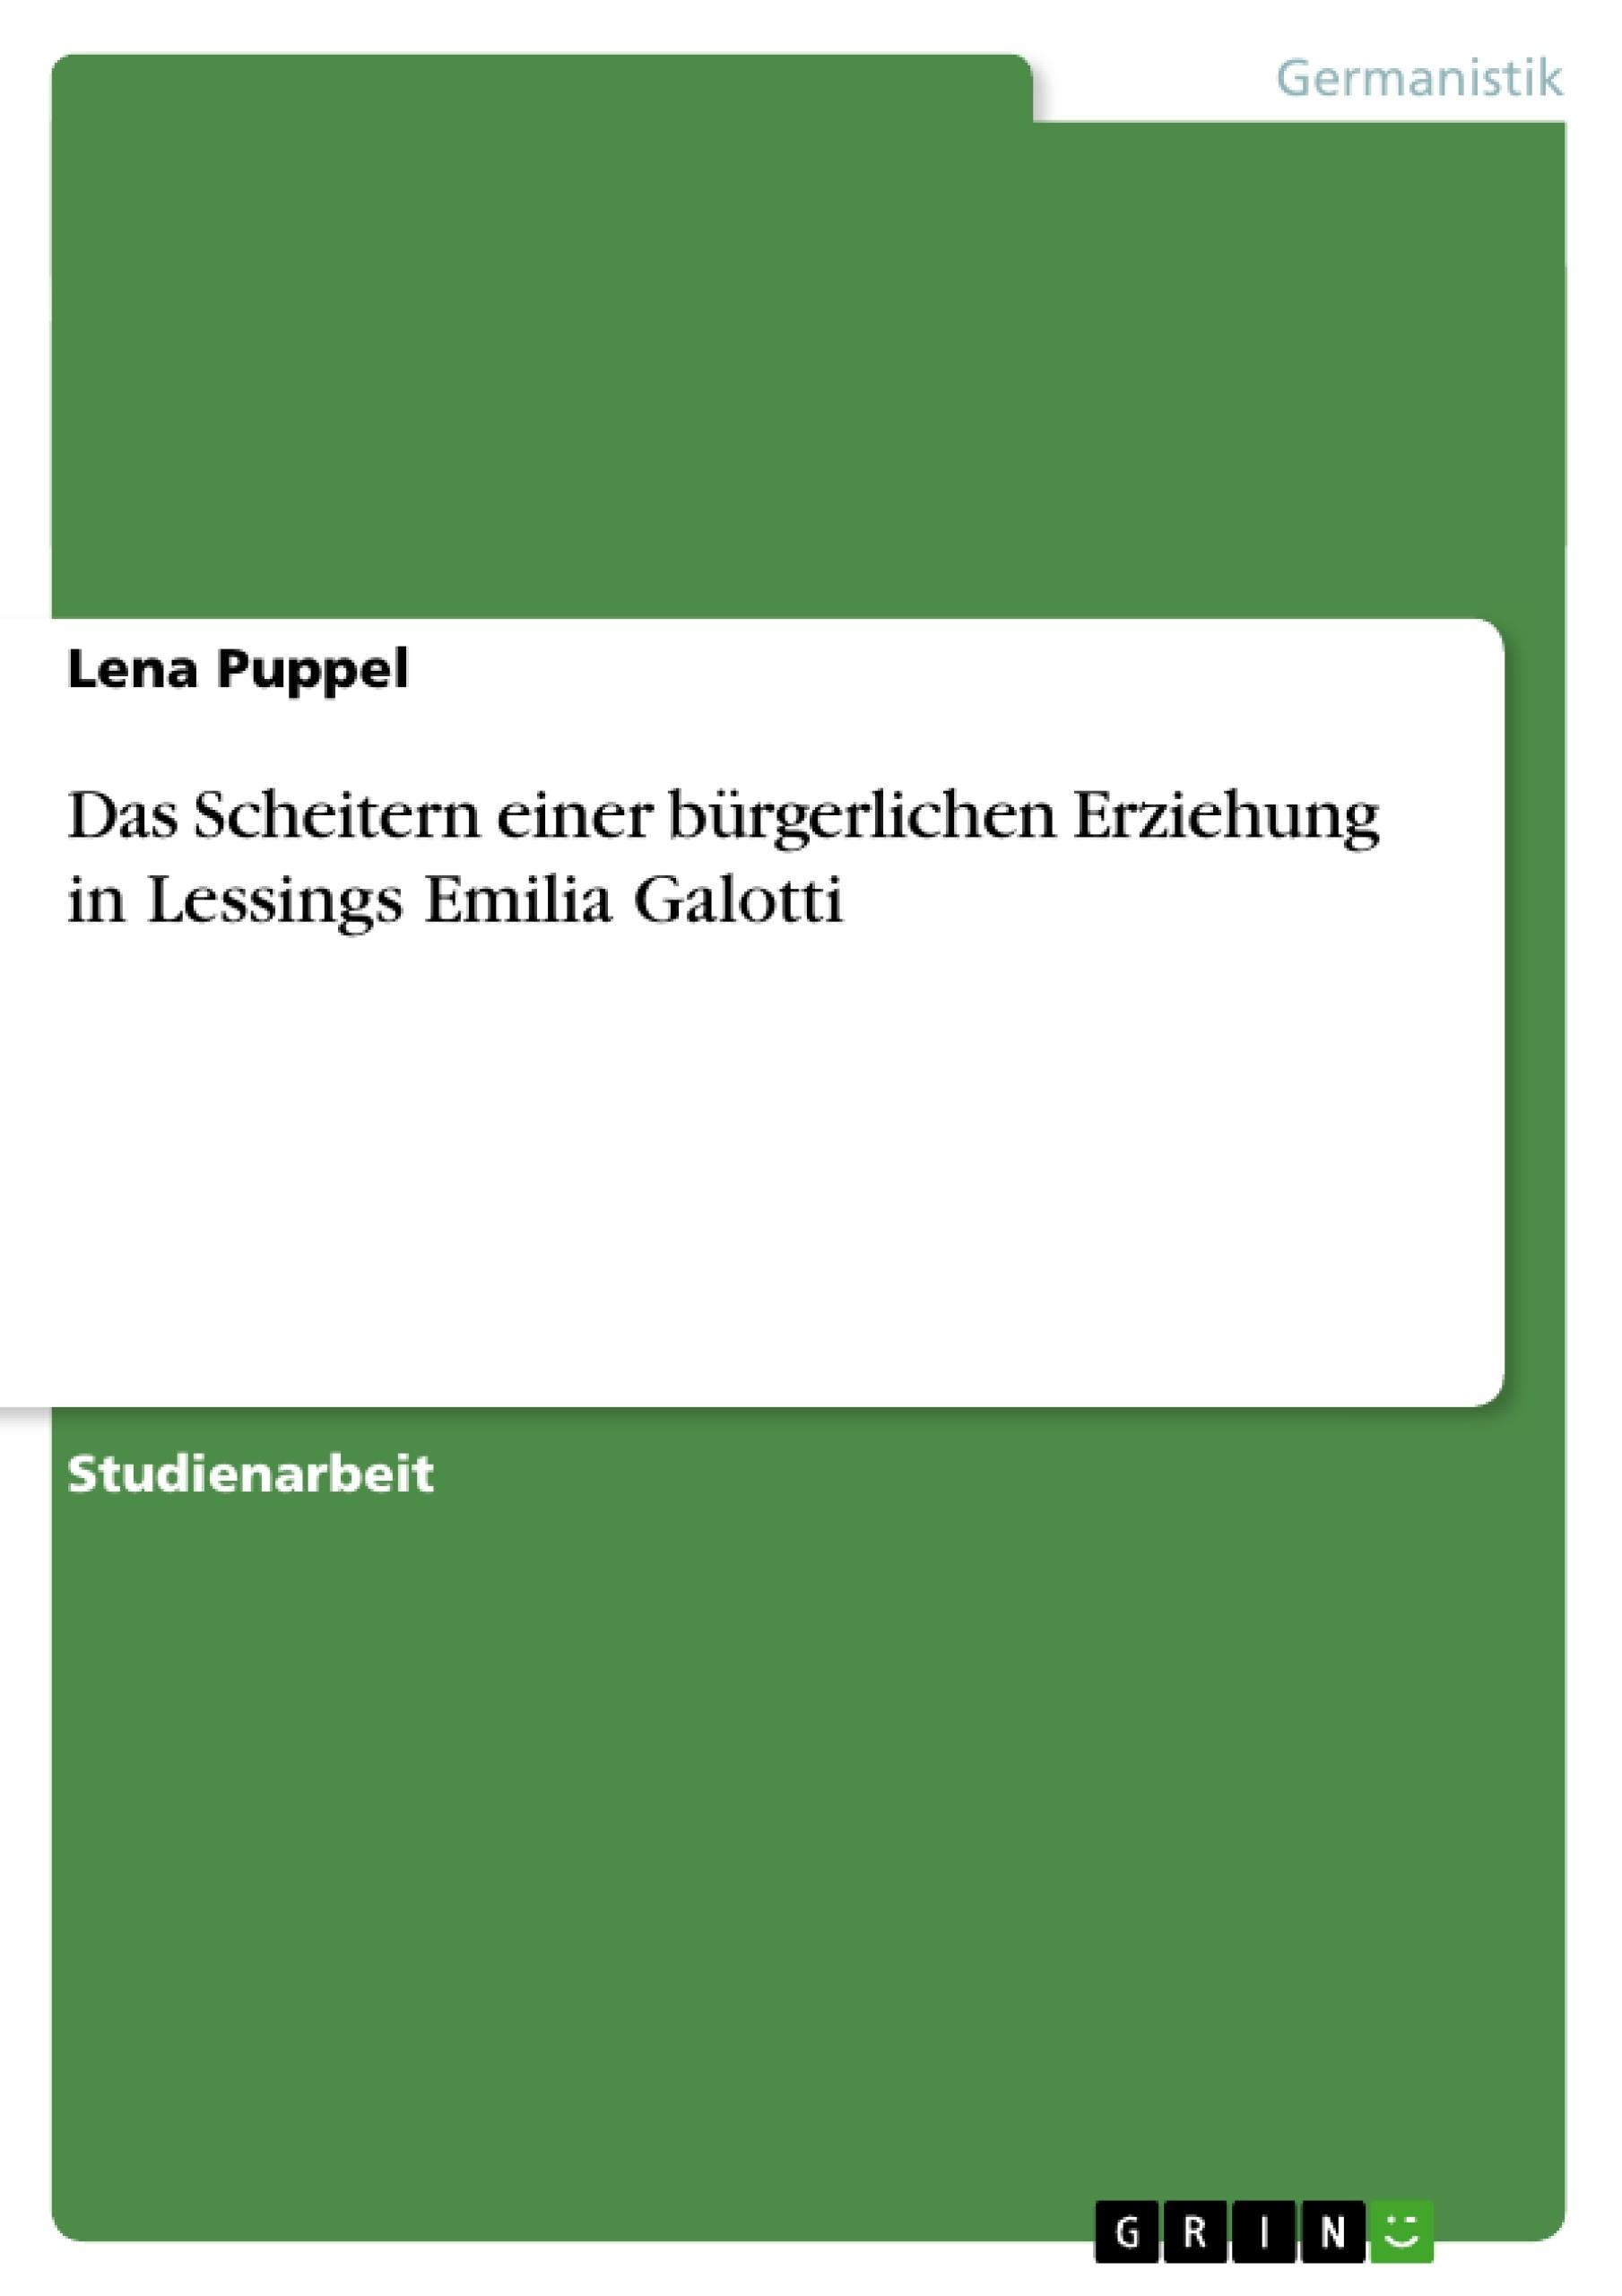 Titel: Das Scheitern einer bürgerlichen Erziehung in Lessings Emilia Galotti